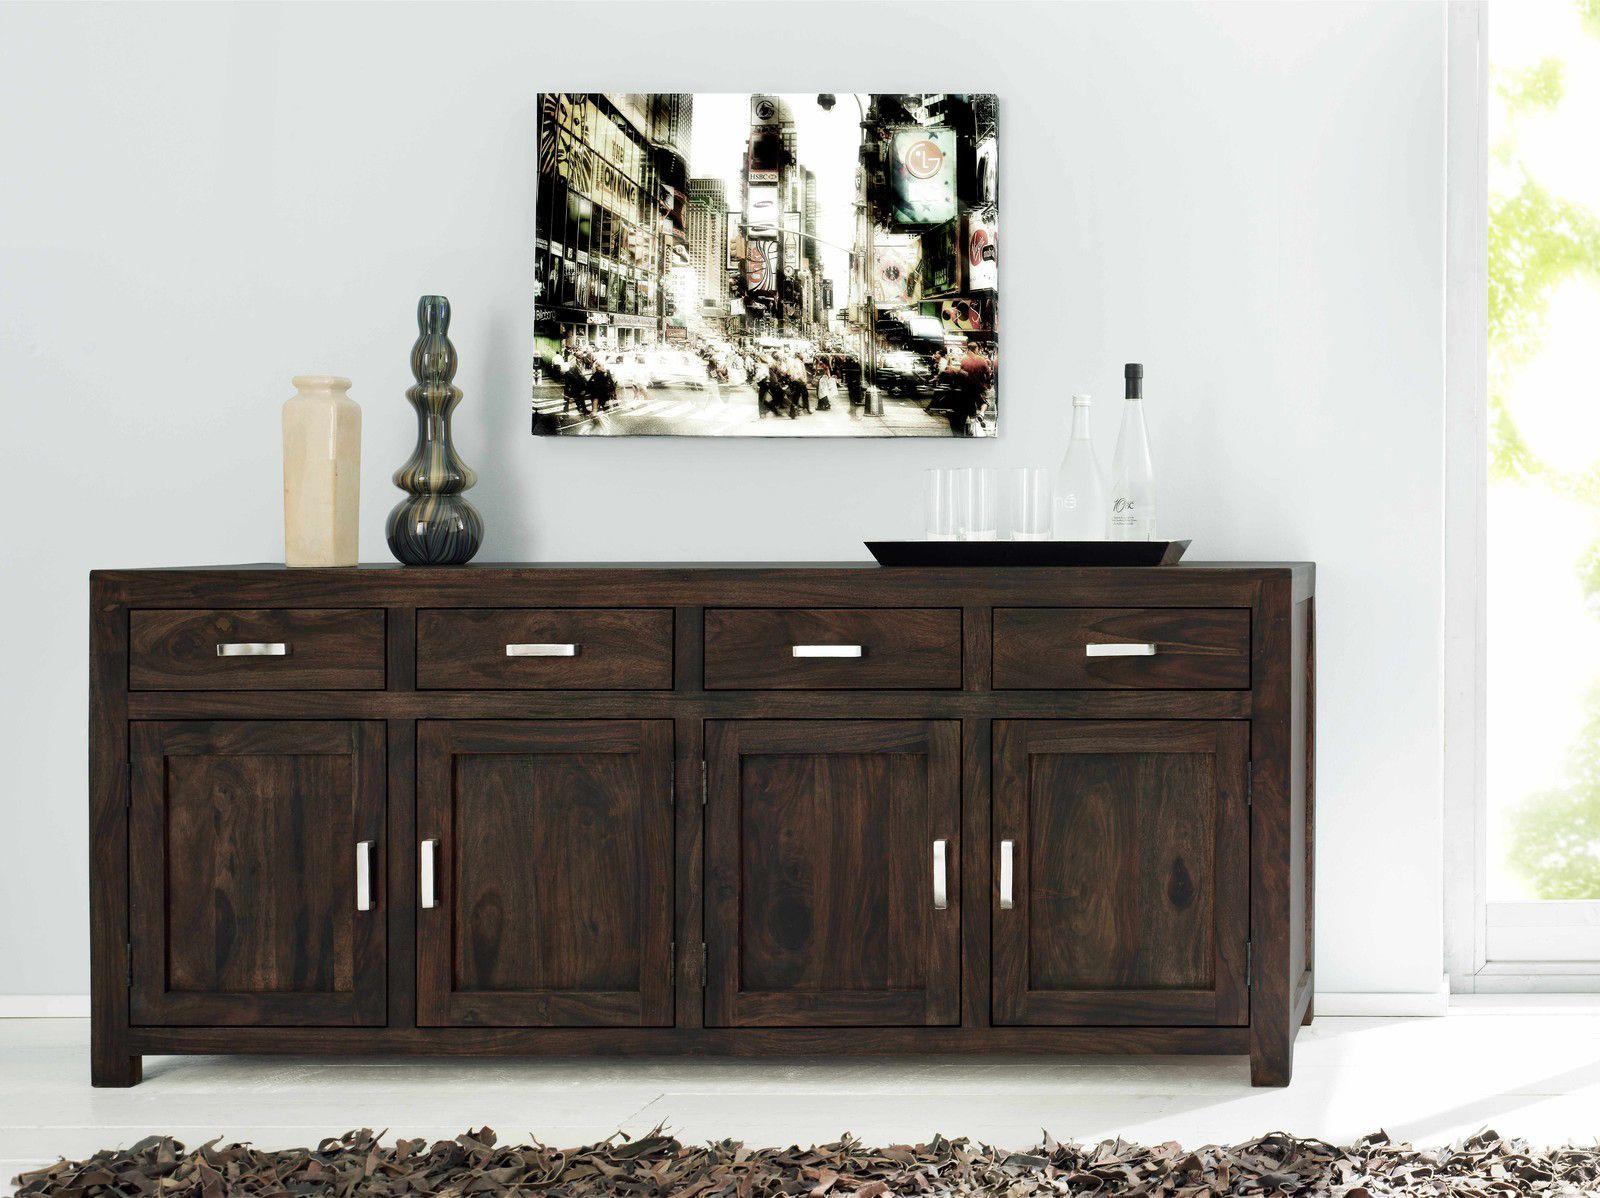 Stilvolles Sideboard Wiam 1513 Von Sam Sheesham Palisander Massiv 185 Cm Mit Farbauswahl Schubladenkommode Weiß Sideboard Kommode Buche